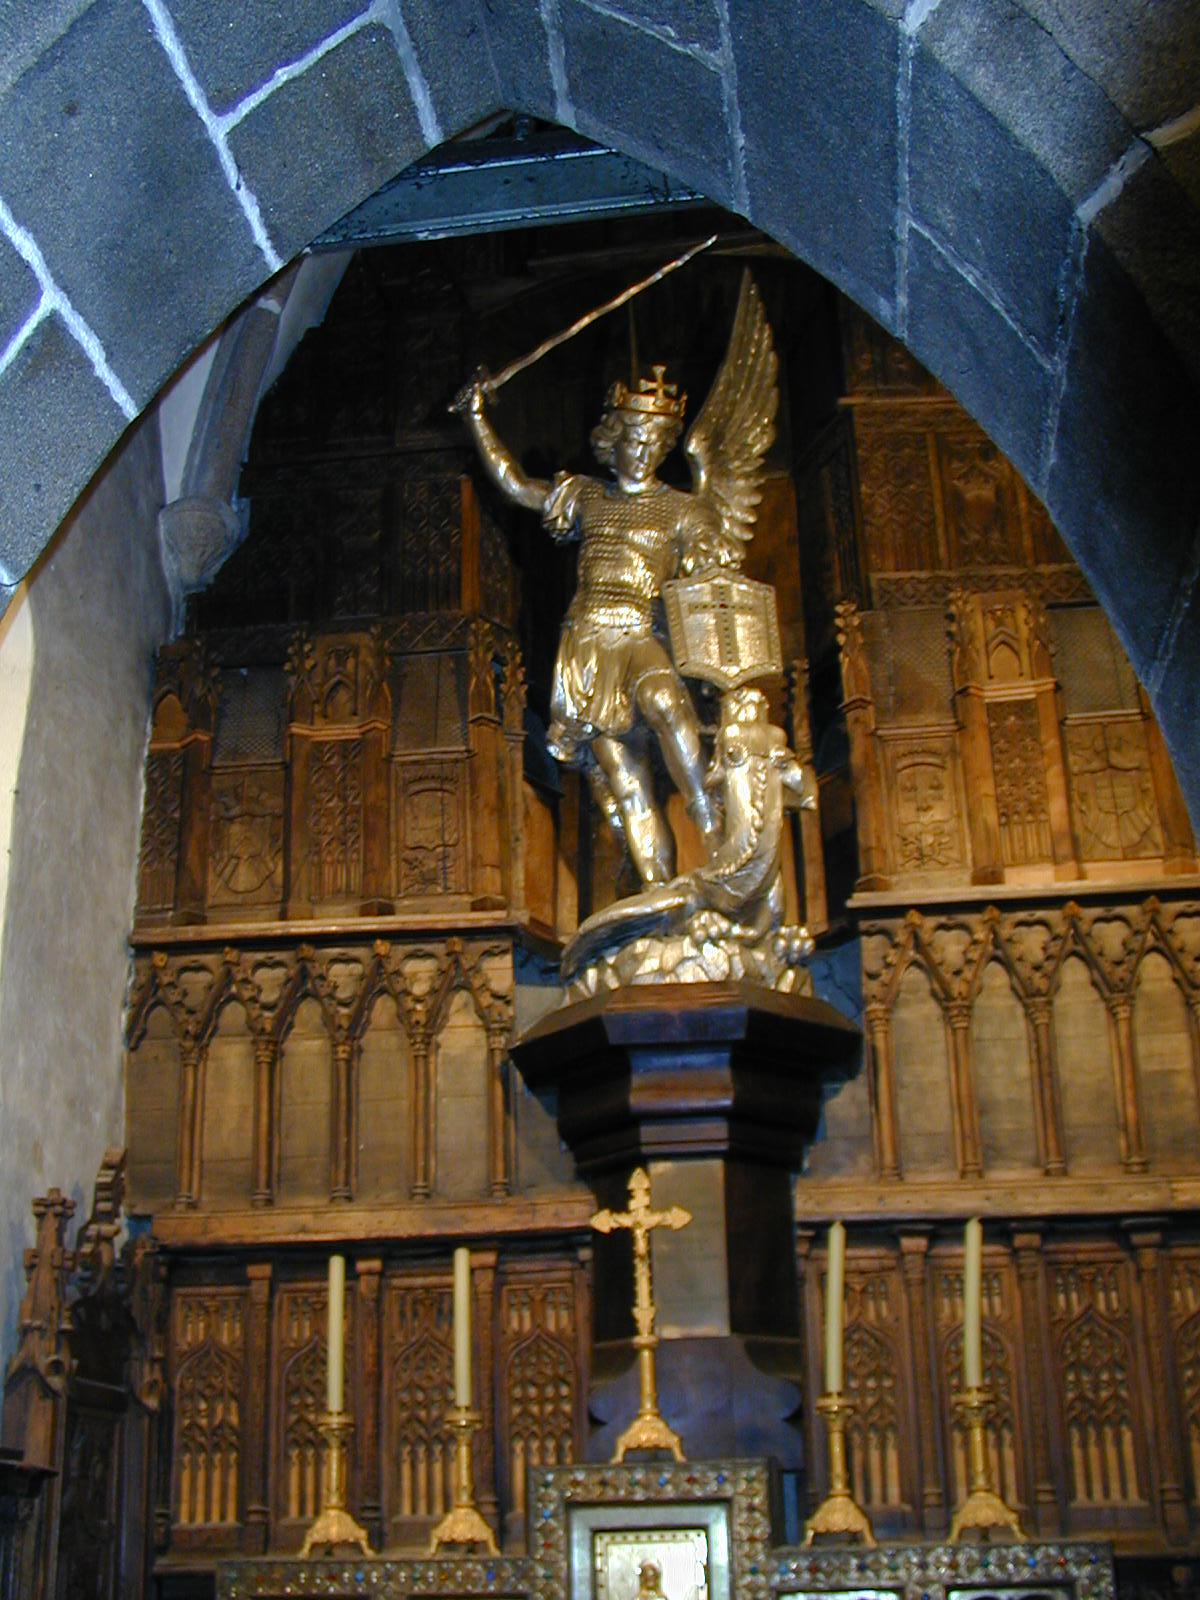 File:200506 - Mont Saint-Michel 40 - Statue Saint-Michel.JPG ...